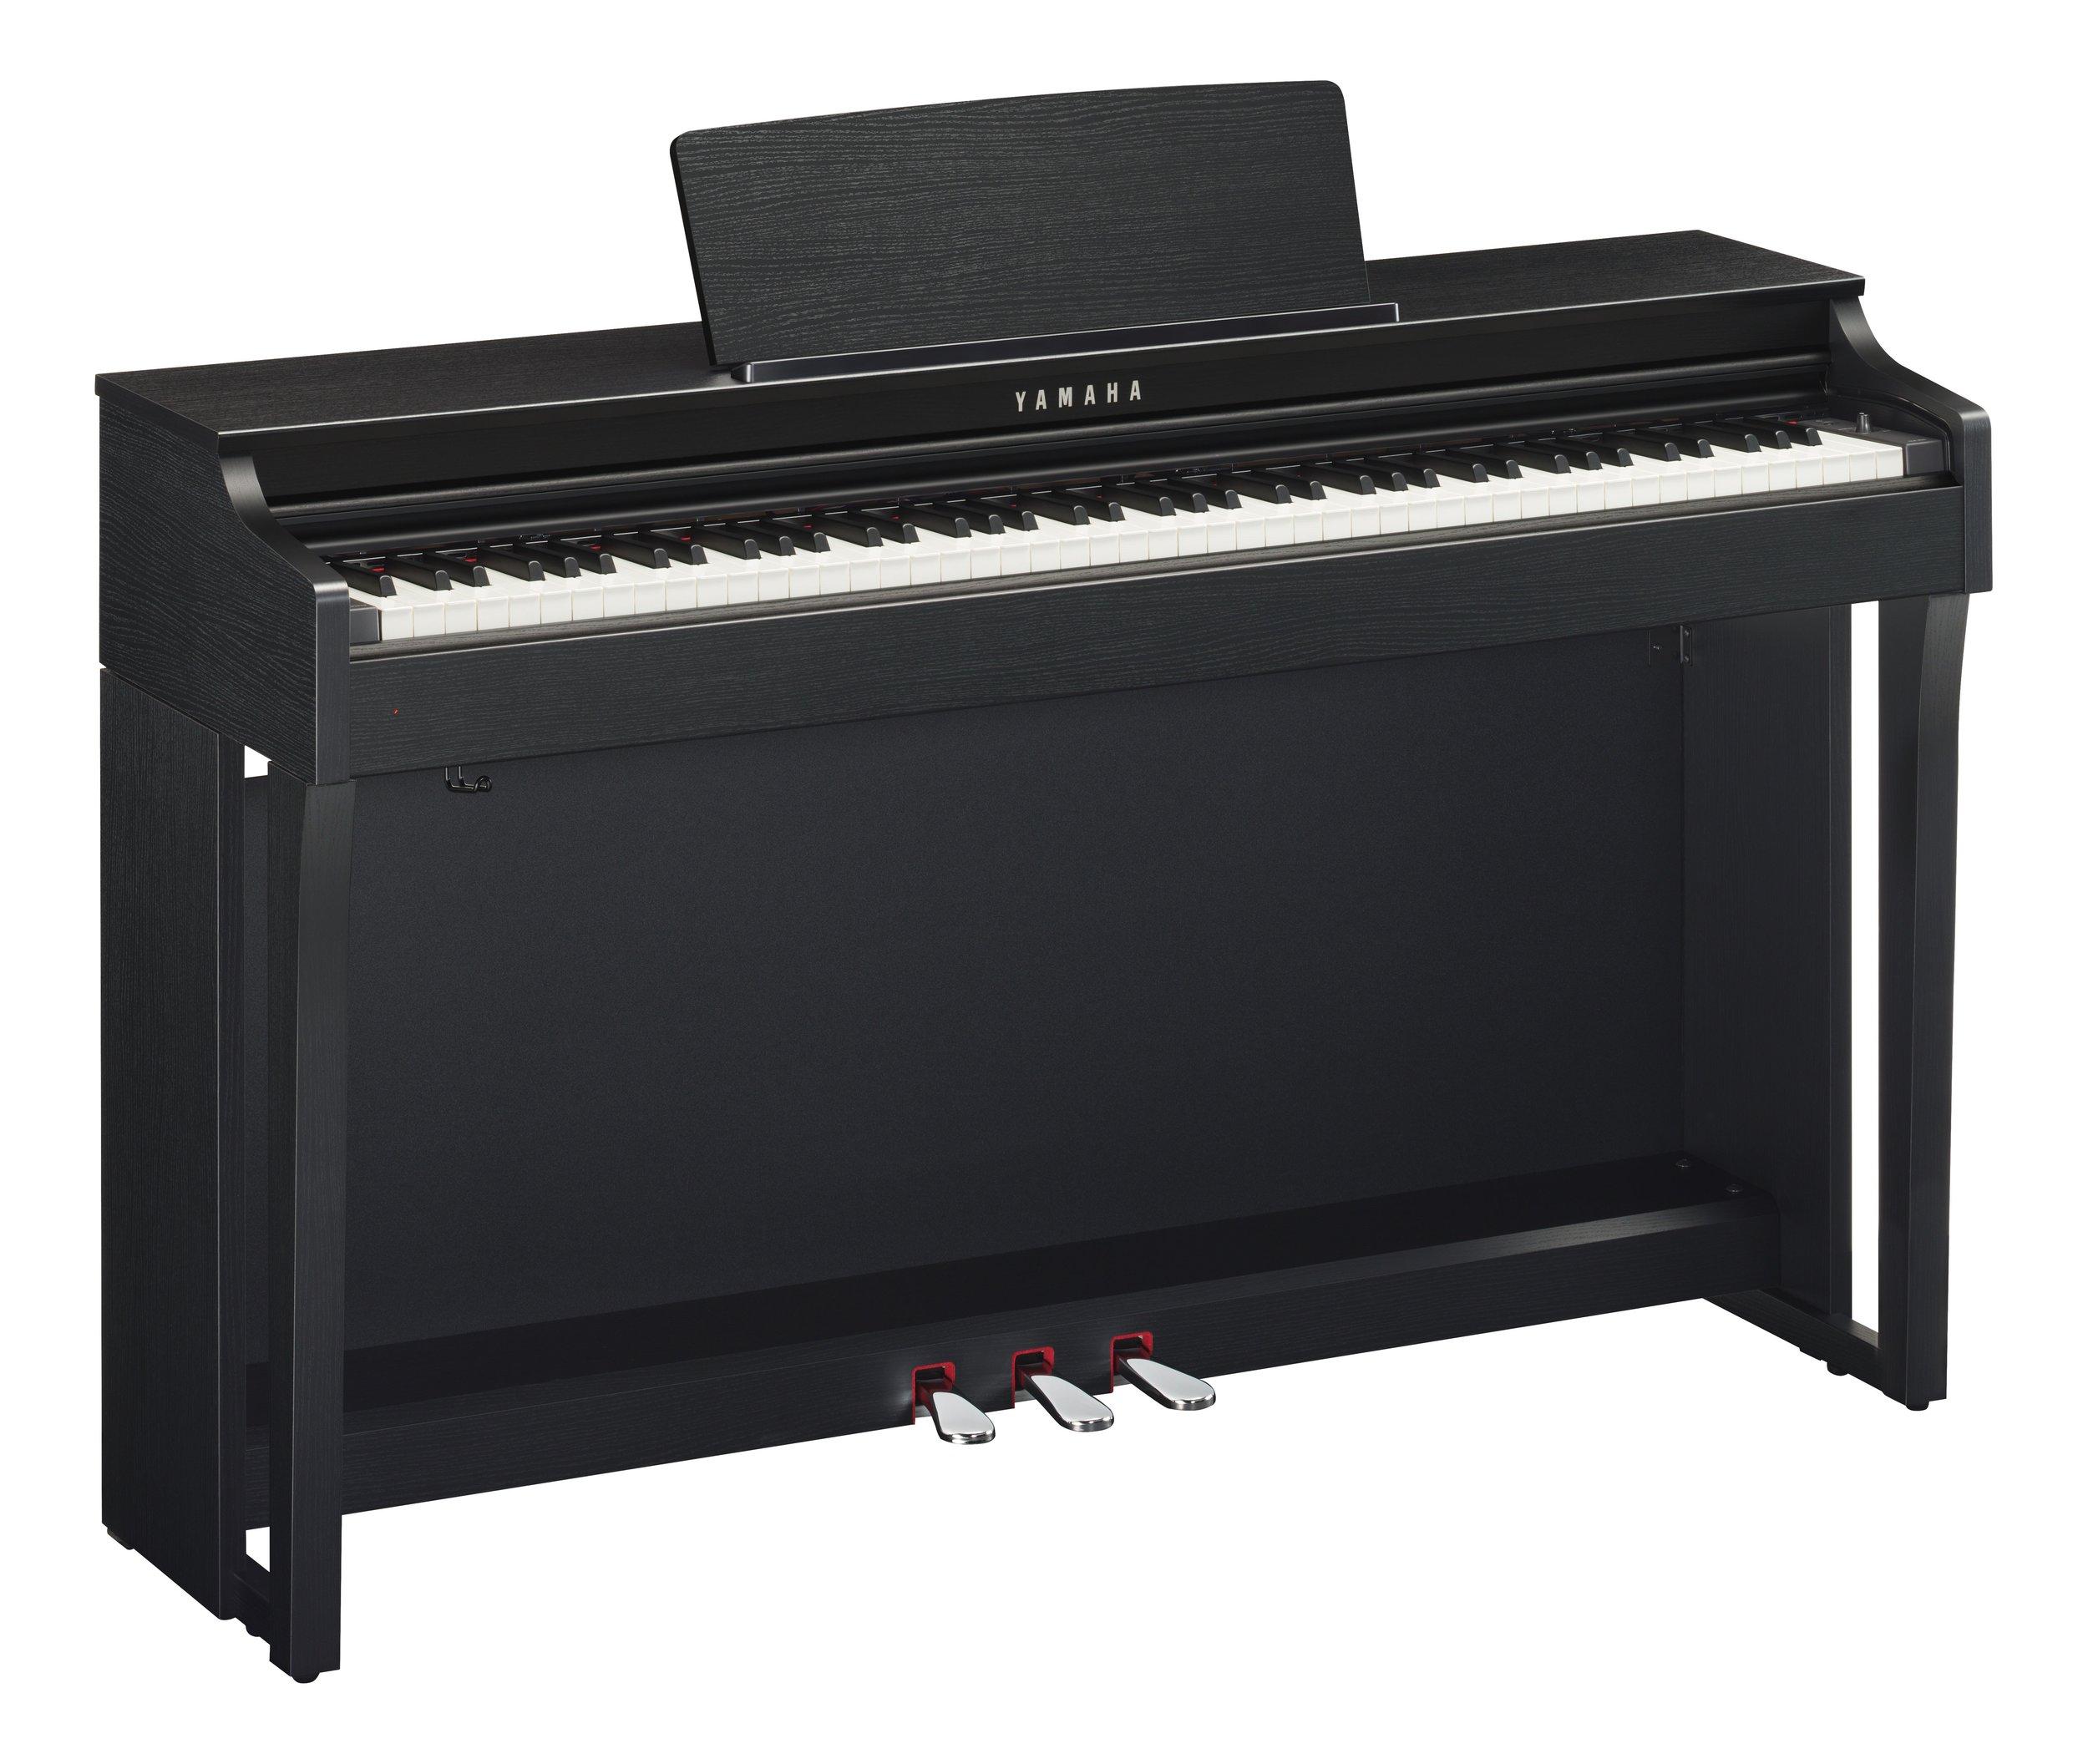 The Yamaha CLP 625 Black